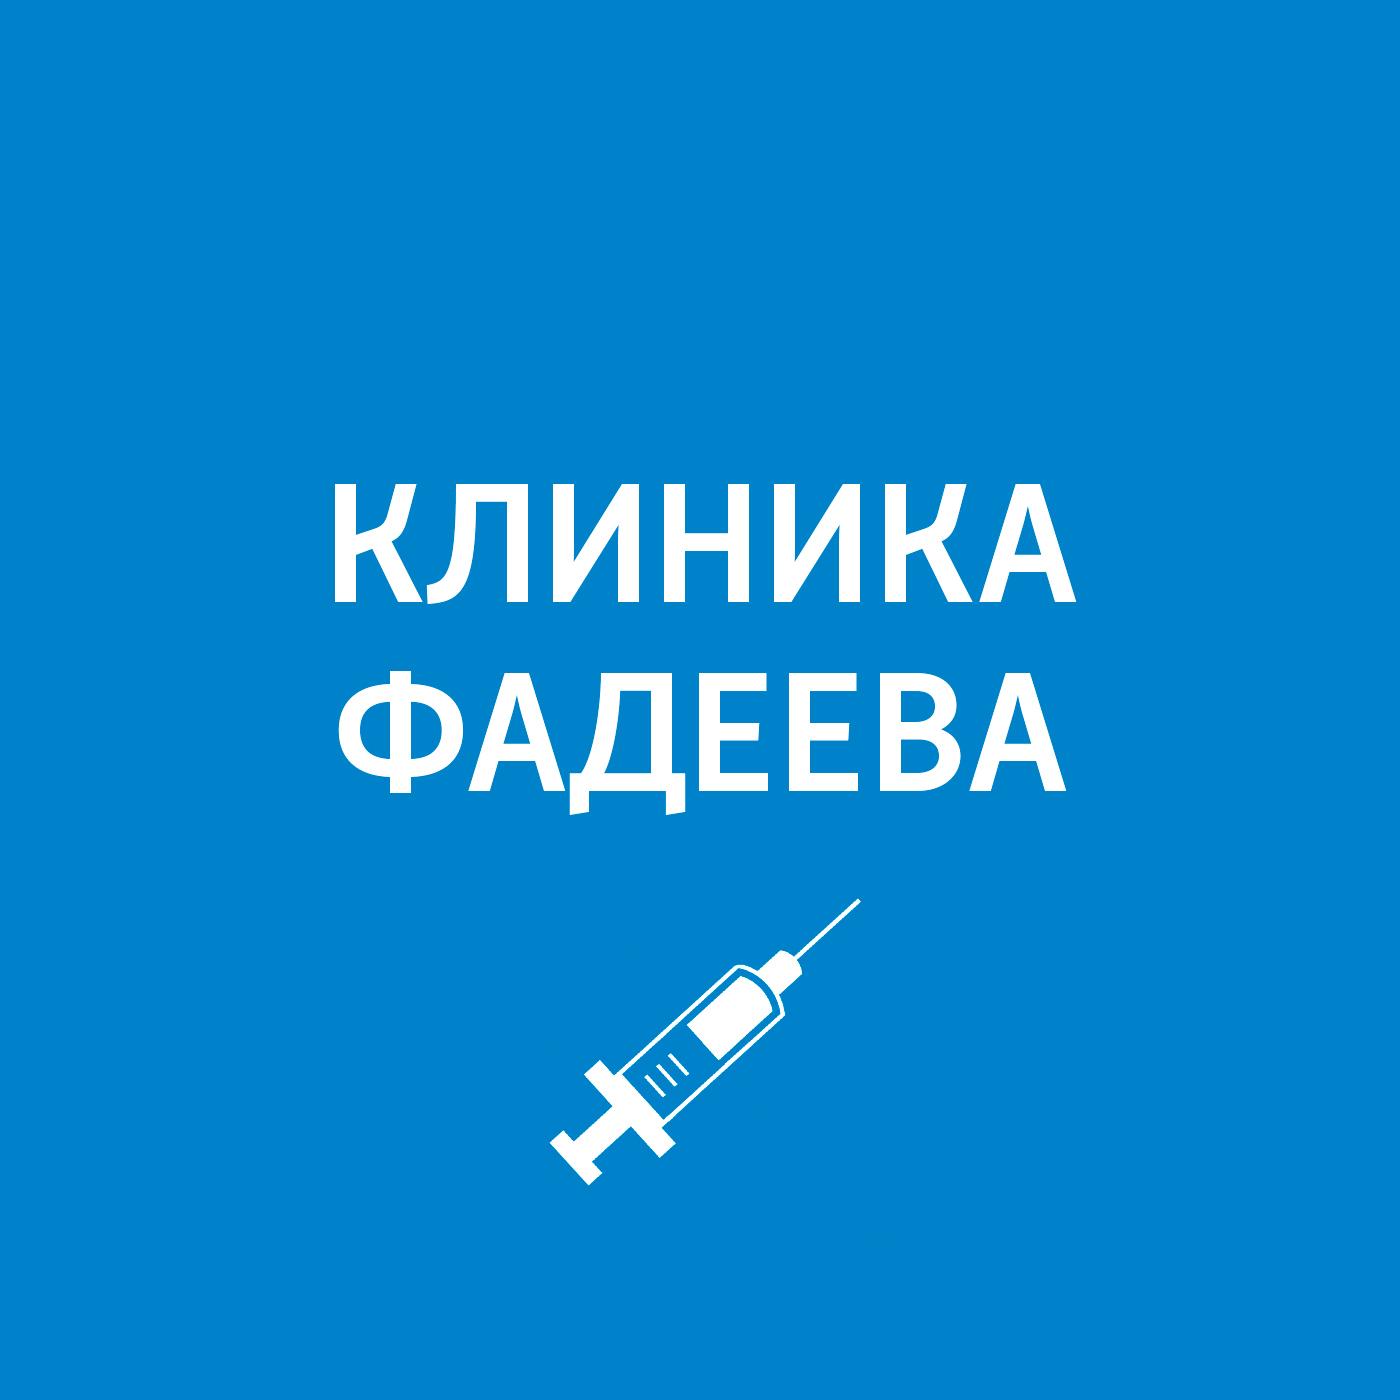 Пётр Фадеев Профилактика и лечение весенней аллергии препараты для лечения грибка стопы цены